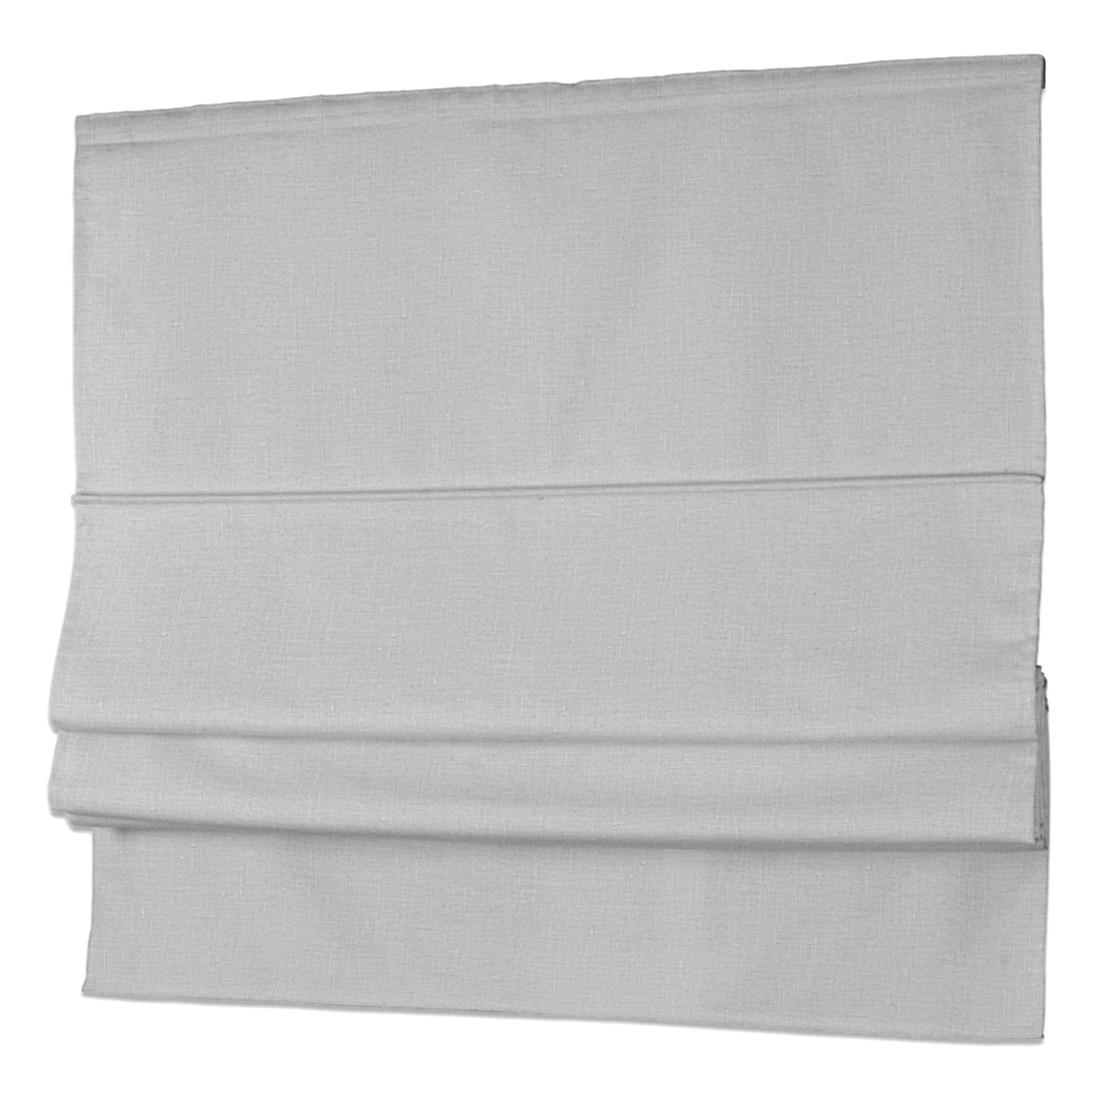 Raffrollo Linen – Elfenbein – 130 x 170 cm, Dekoria bestellen